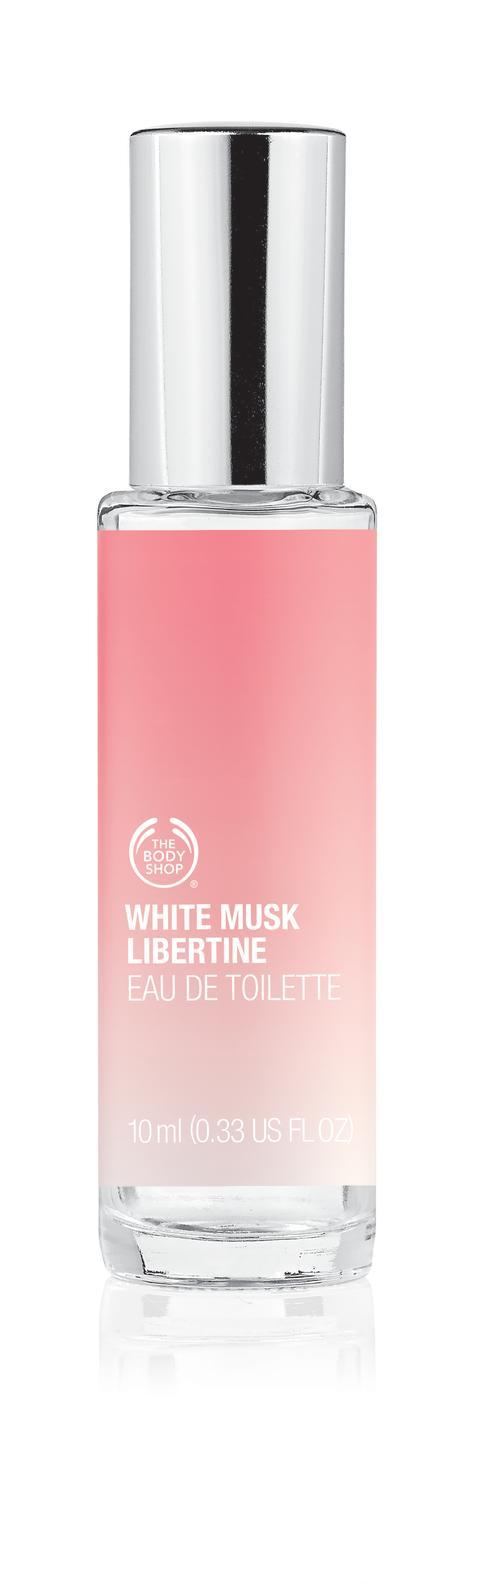 White Musk Libertine Mini EdT